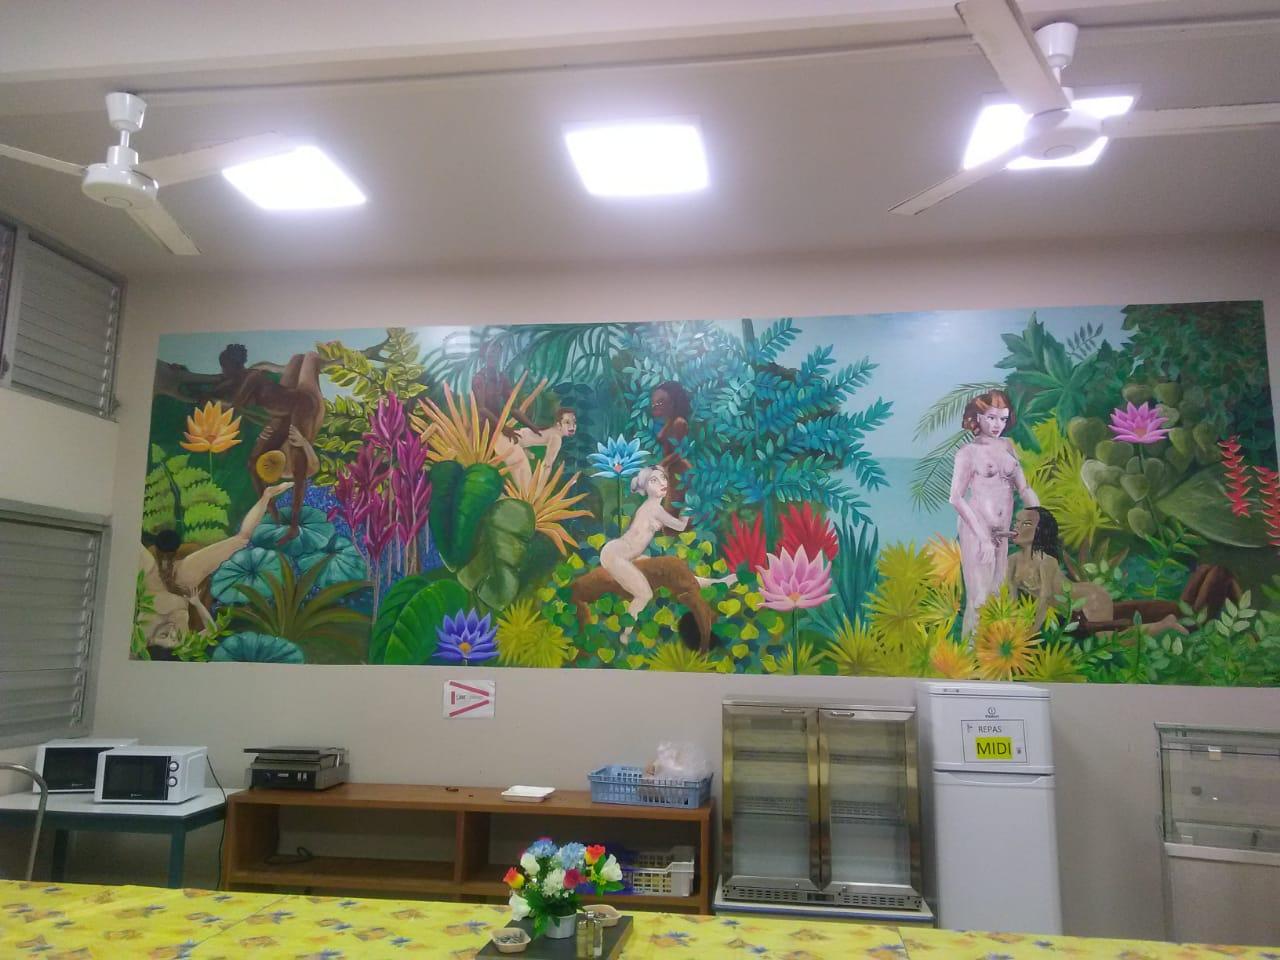 Une fresque érotique installée à l'internat du CHU qui divise